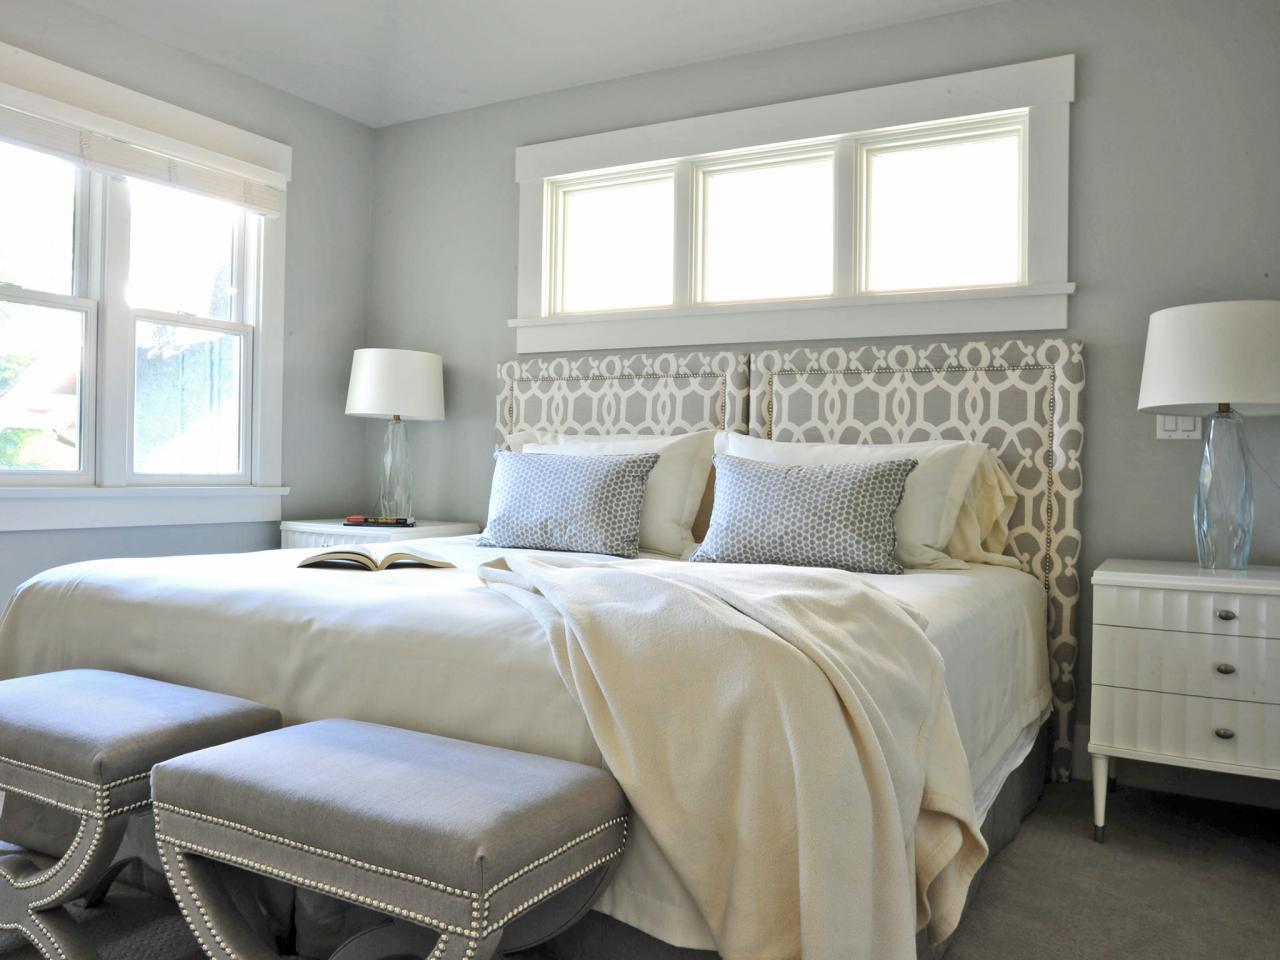 完美灰色 让你的卧室更具质感